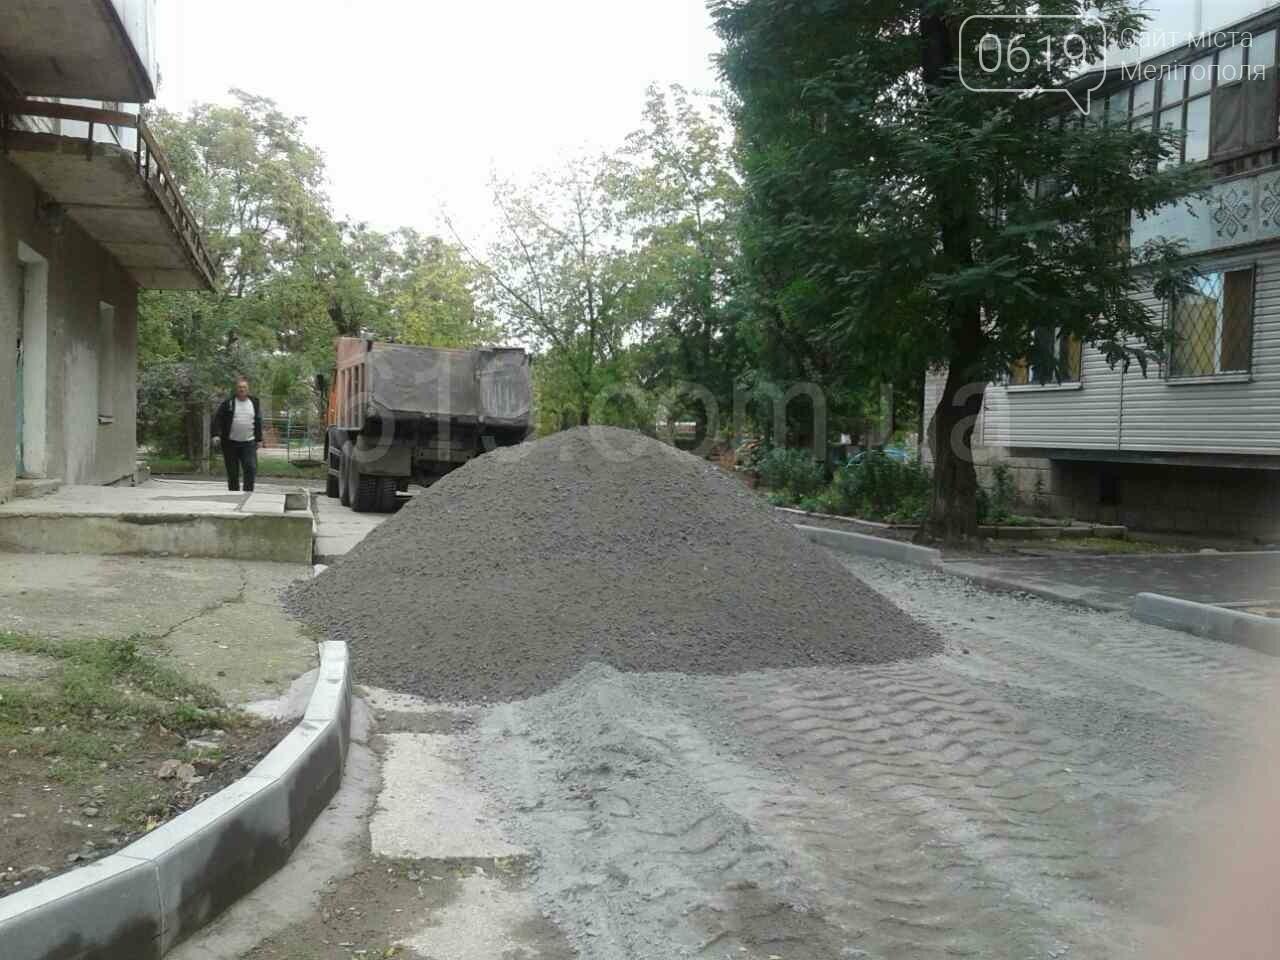 Благоустройство дворов в Авиагородке подходит к завершению , фото-2